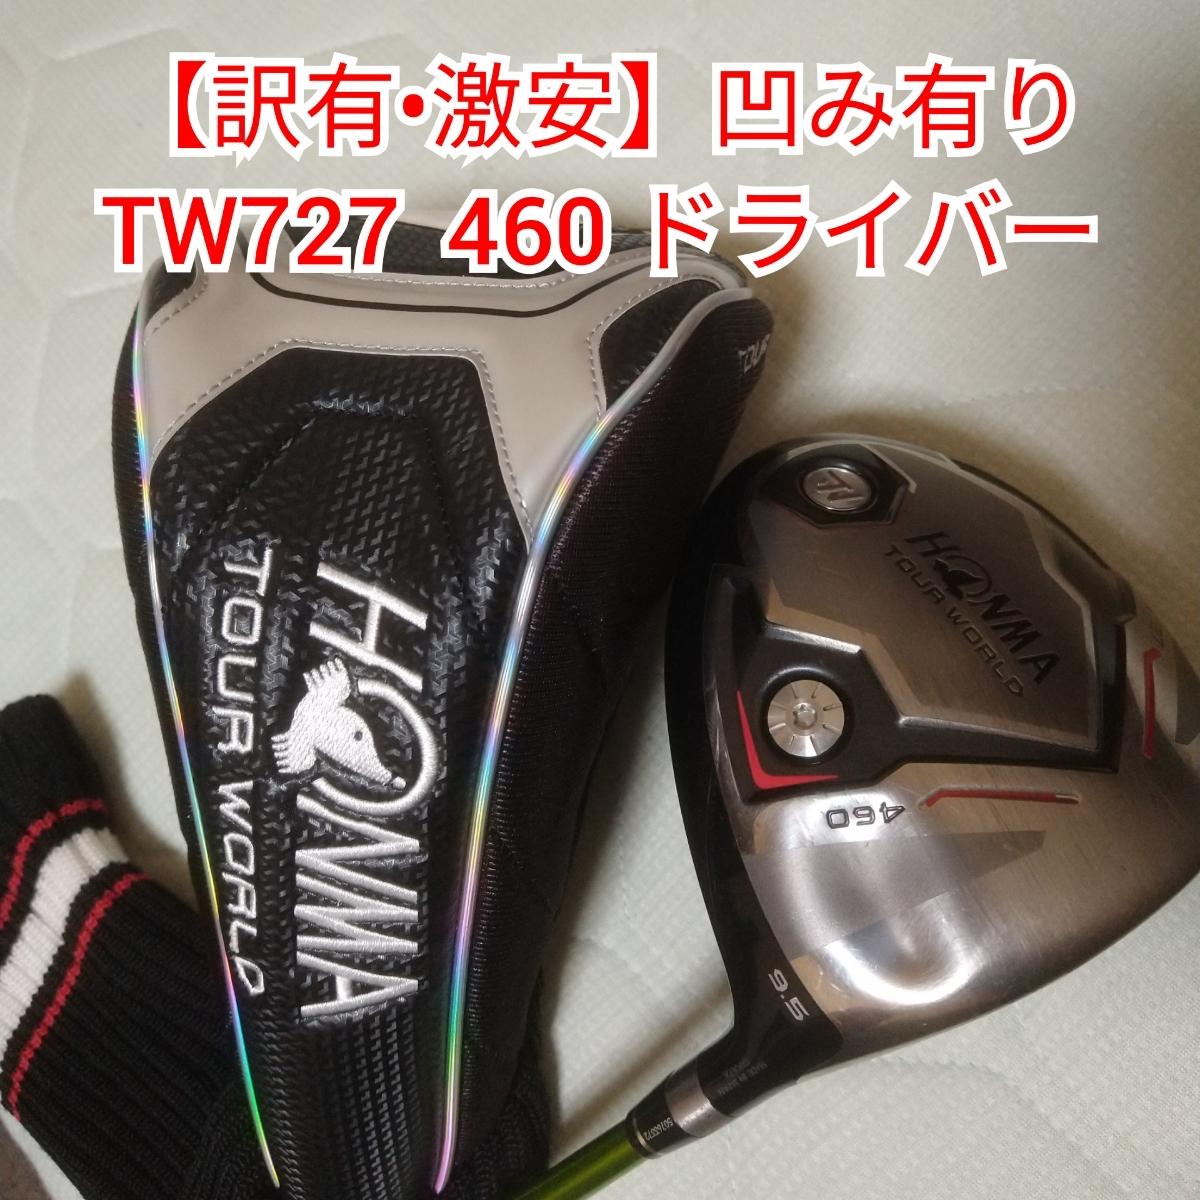 【訳有格安】ホンマ ☆ TW727 460 ドライバー ☆ 9.5度 ☆ YA55S ☆ ヘッドカバー付き